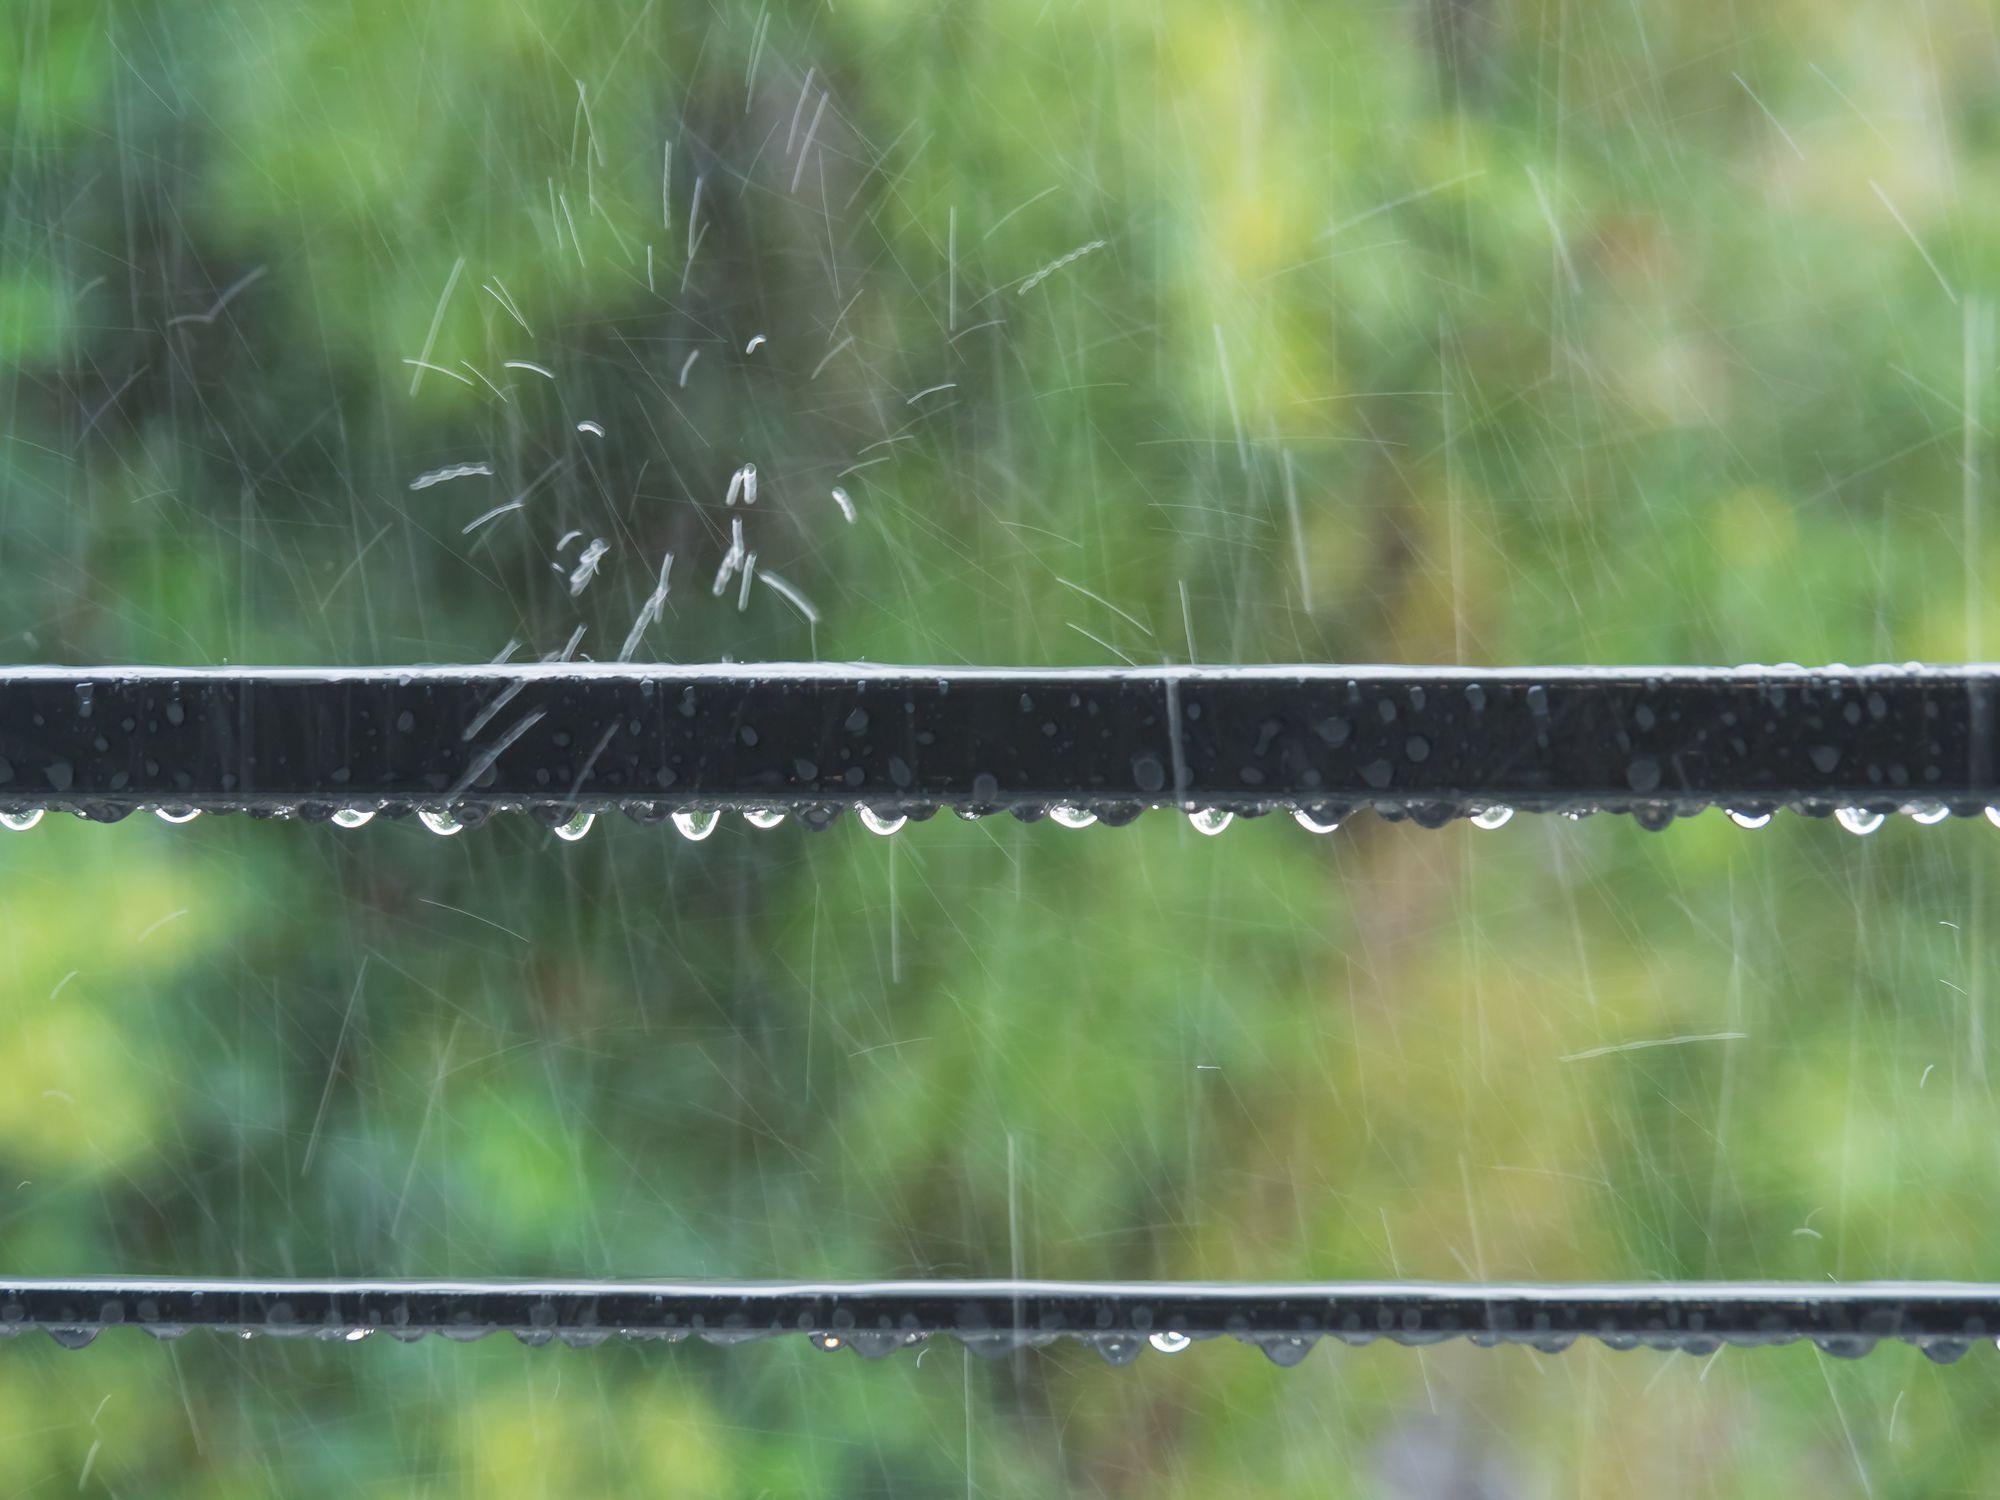 外壁塗装中に雨が降っても大丈夫?